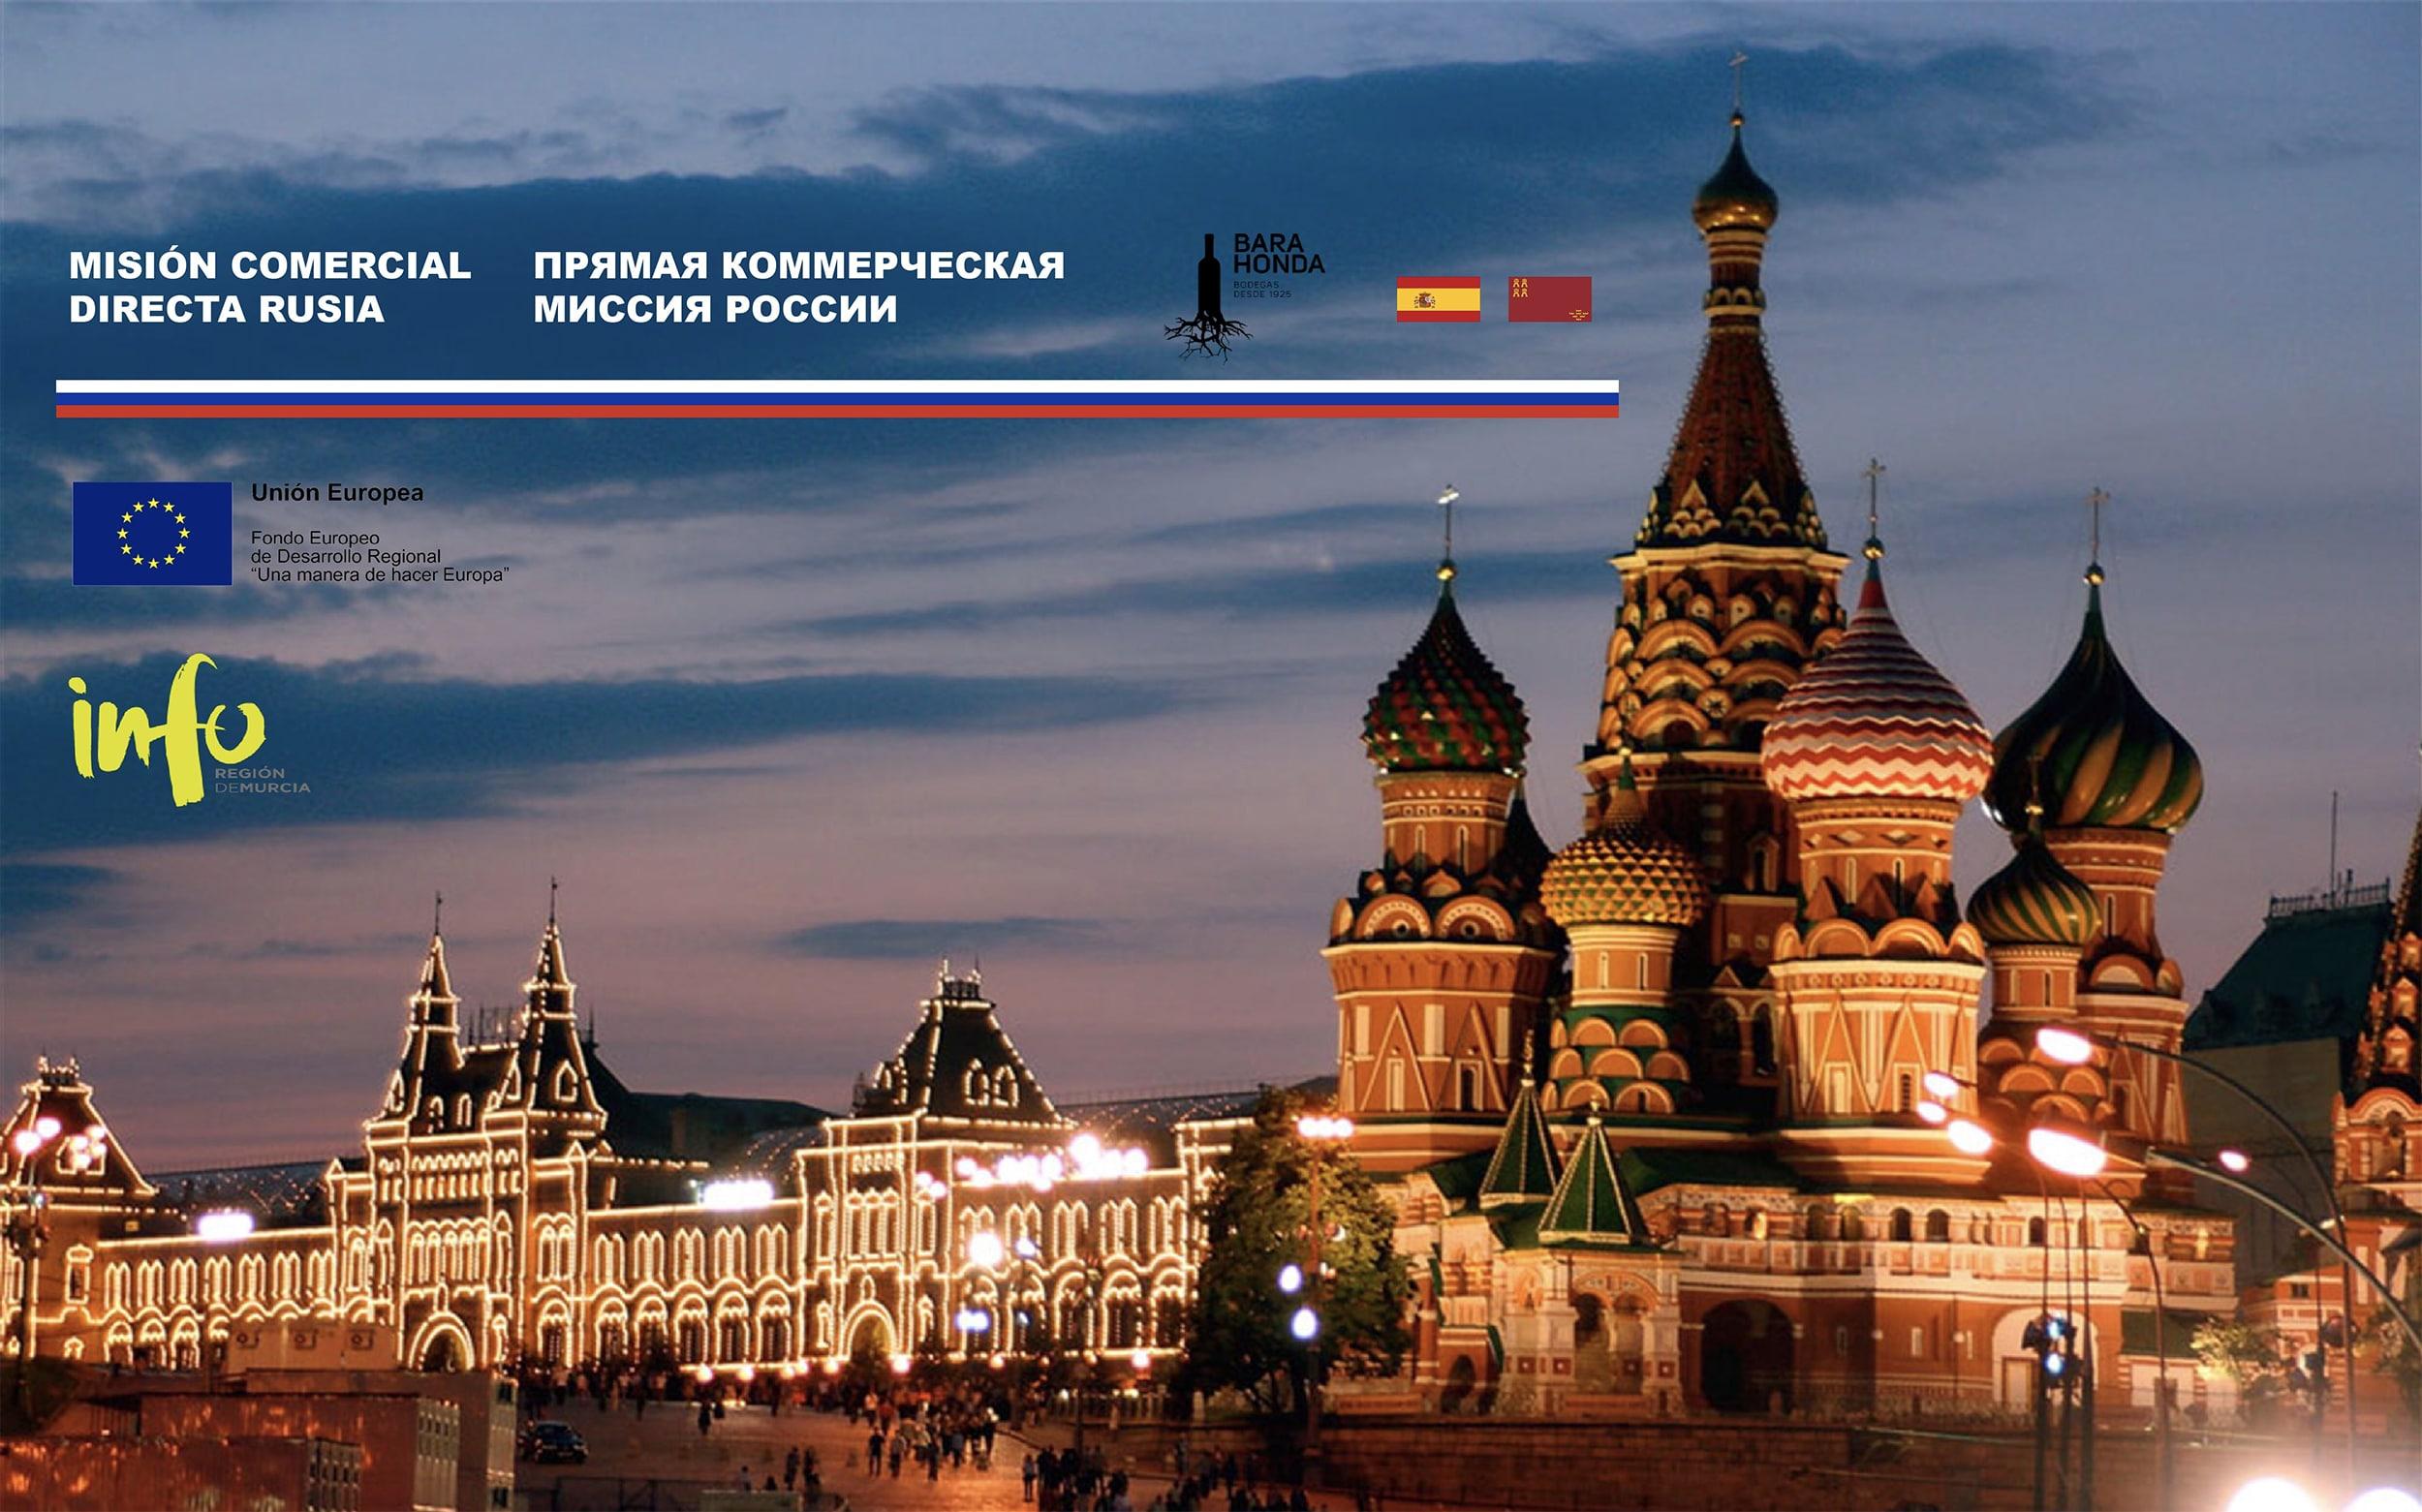 Misión comercial Directa Rusia